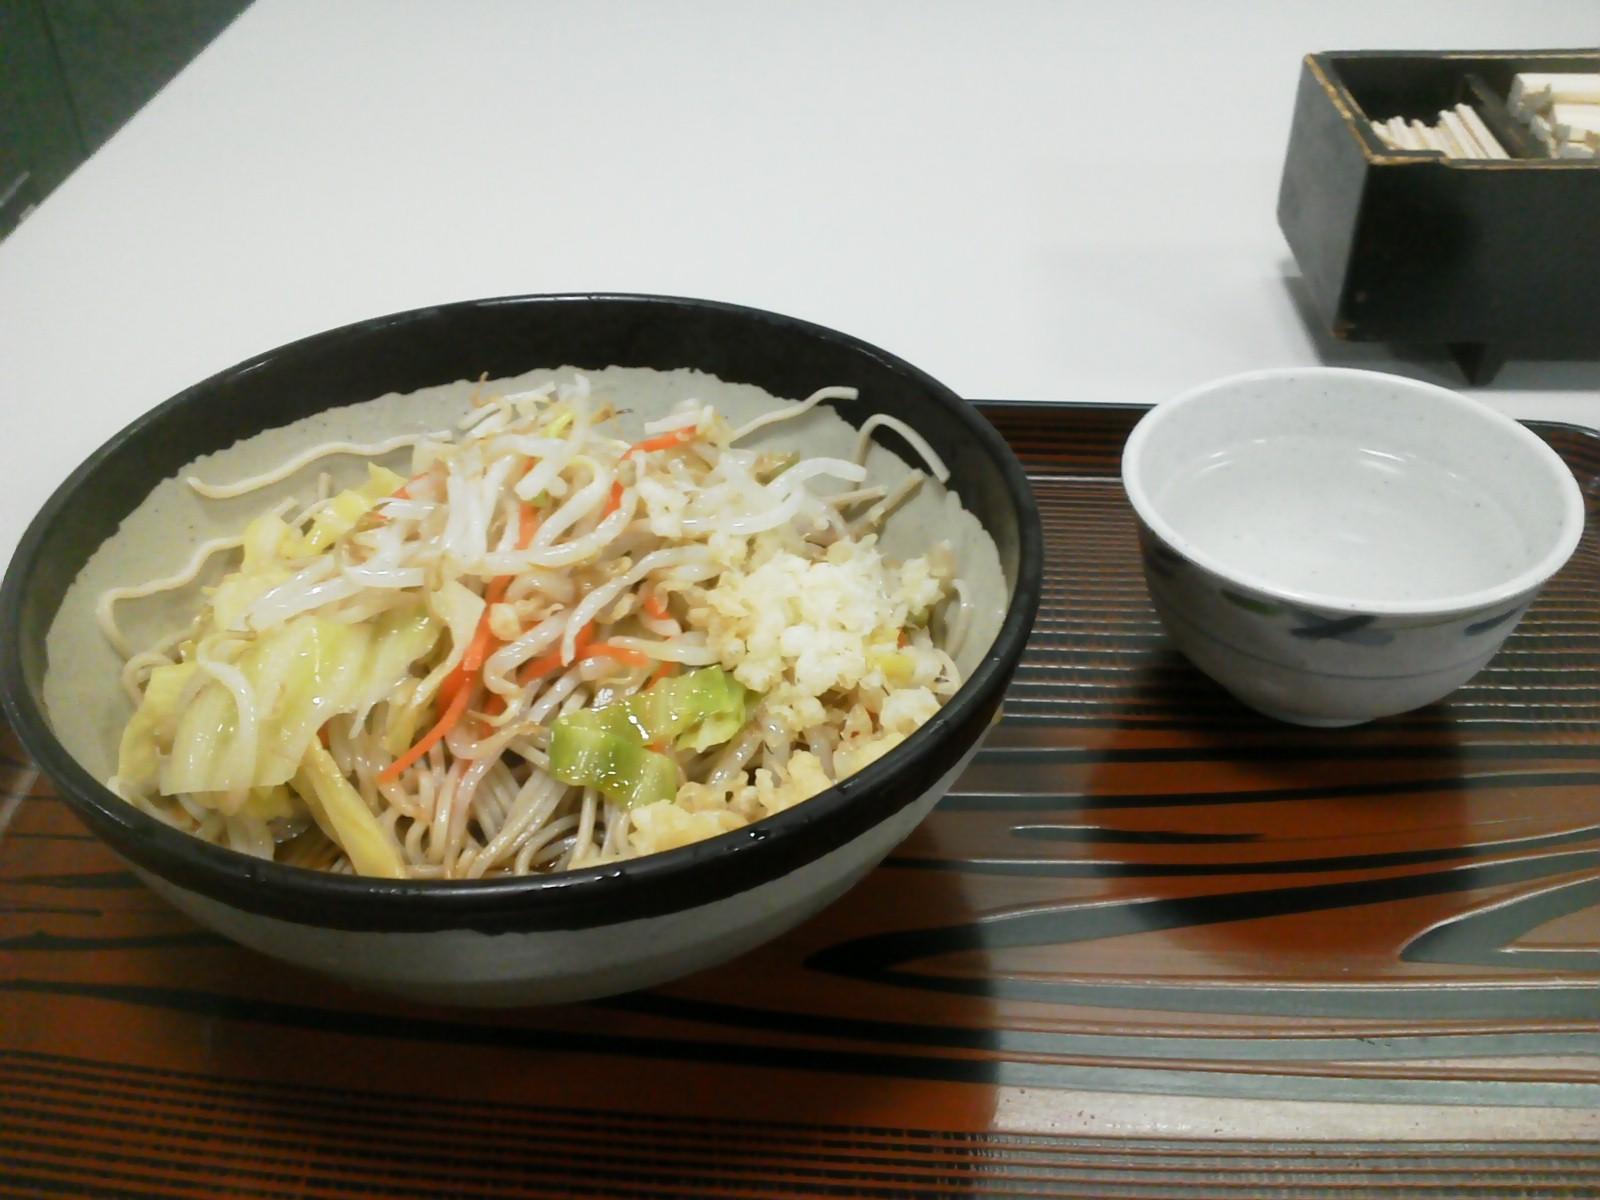 野菜炒めの画像 p1_38